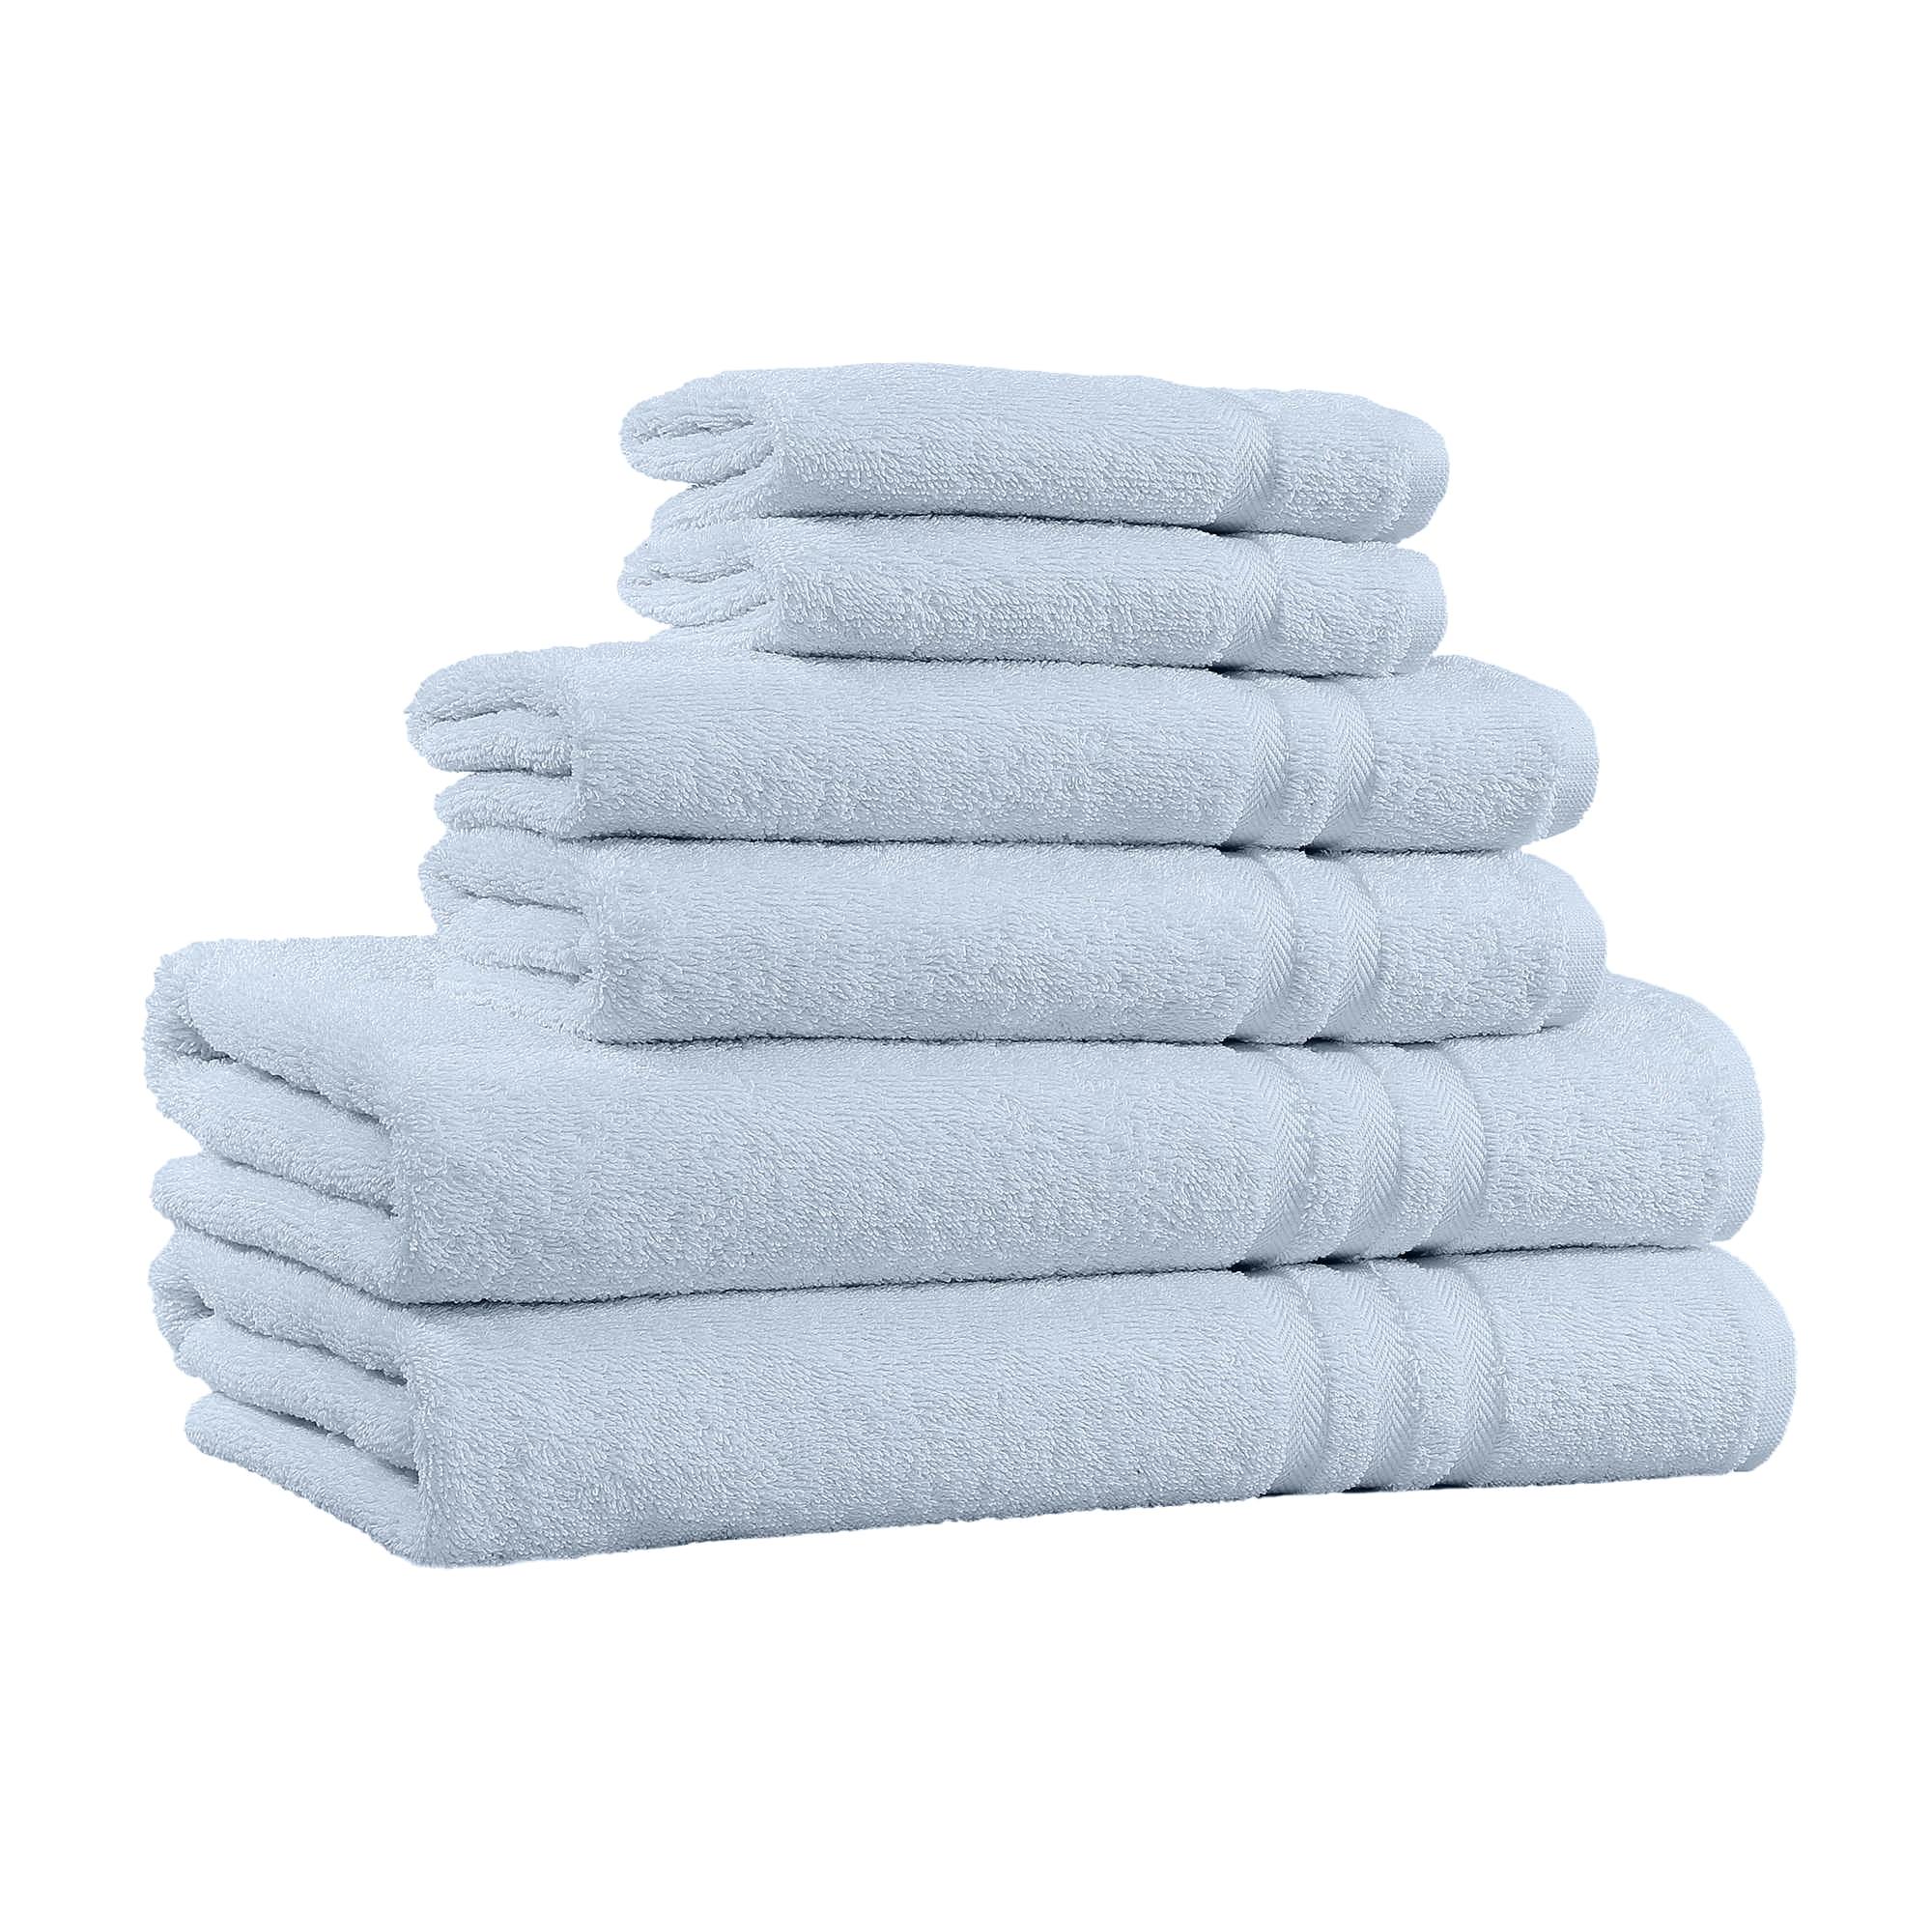 100% Cotton 6-Piece Towel Set